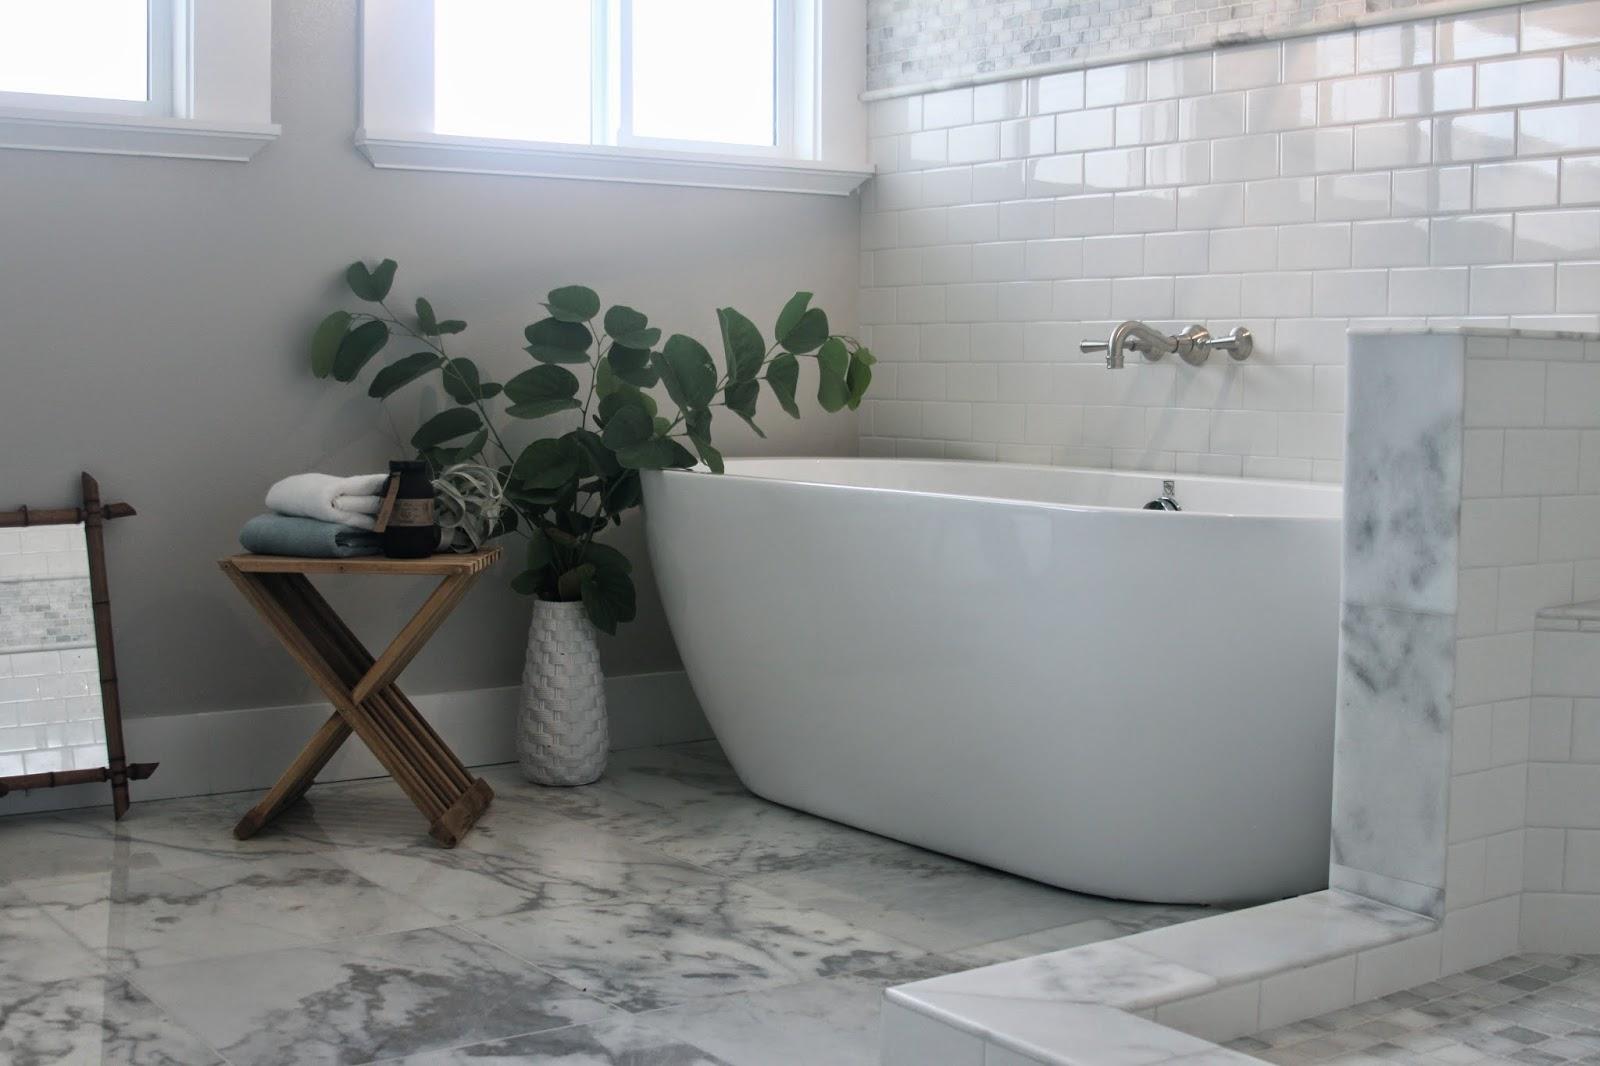 Best of 2014 rossmoor house finished greige design for Bathrooms u like stevenage